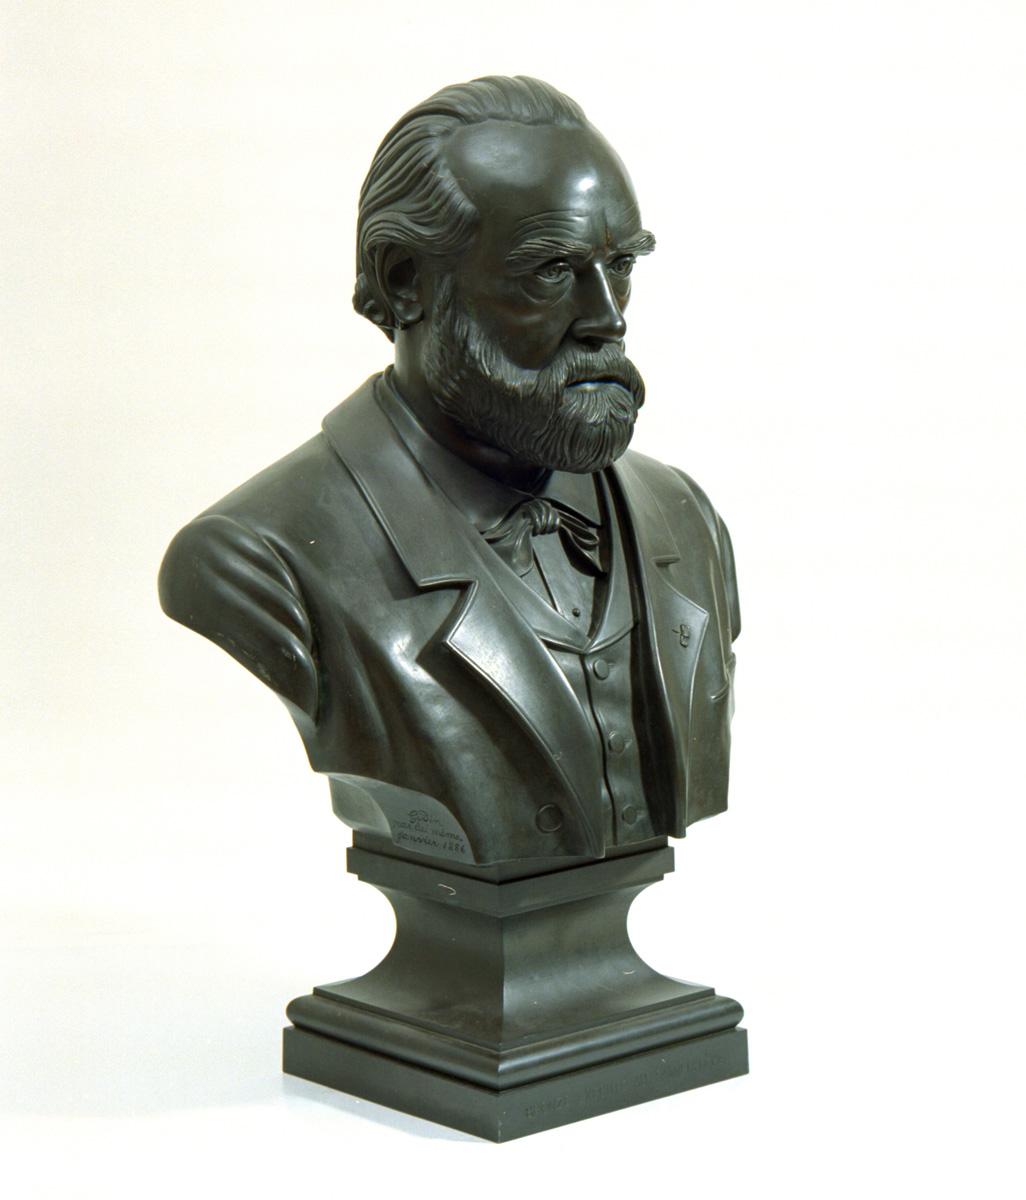 La sculpture en bronze représente Godin en buste.